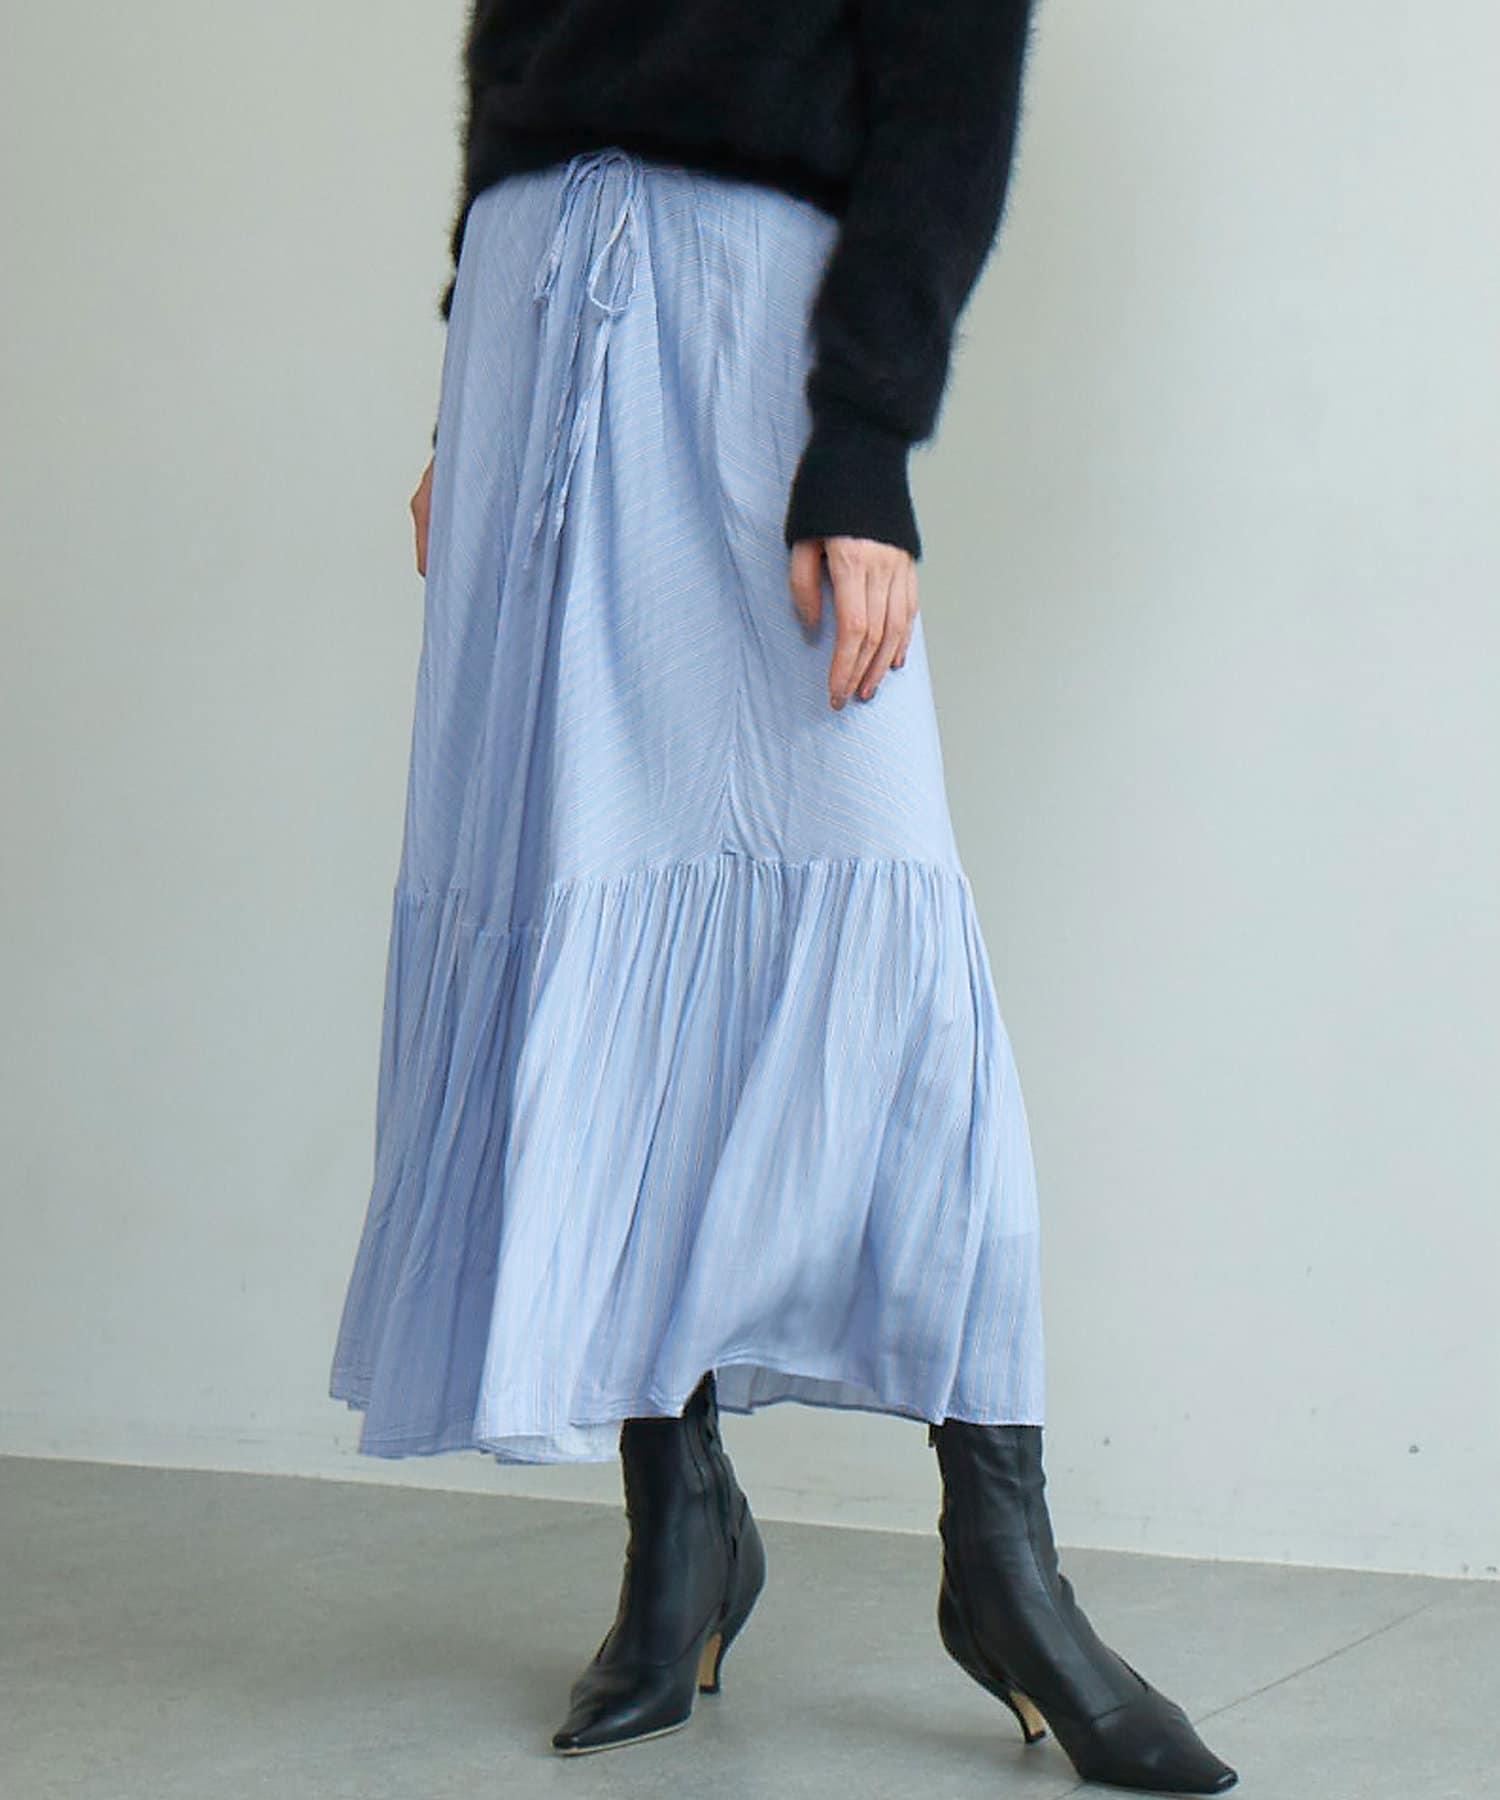 GALLARDAGALANTE(ガリャルダガランテ) ストライプティアードスカート